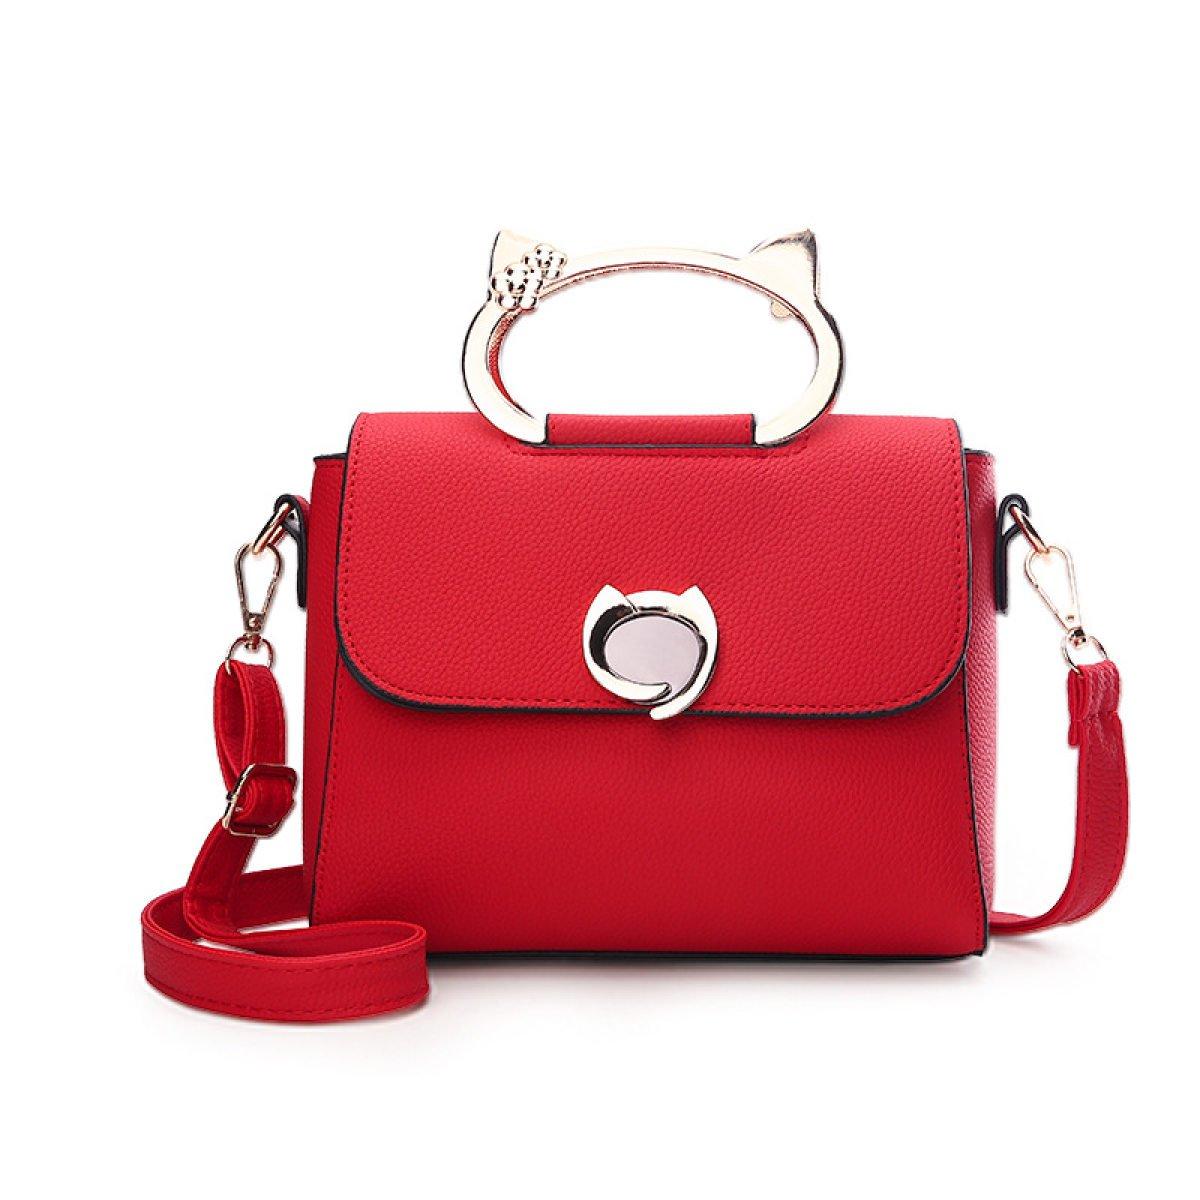 Koreanische Version Der Süßen Mode Handtaschen Umhängetasche Umhängetasche B076WV1Y74 Henkeltaschen Henkeltaschen Henkeltaschen Wirtschaft 4eab3a